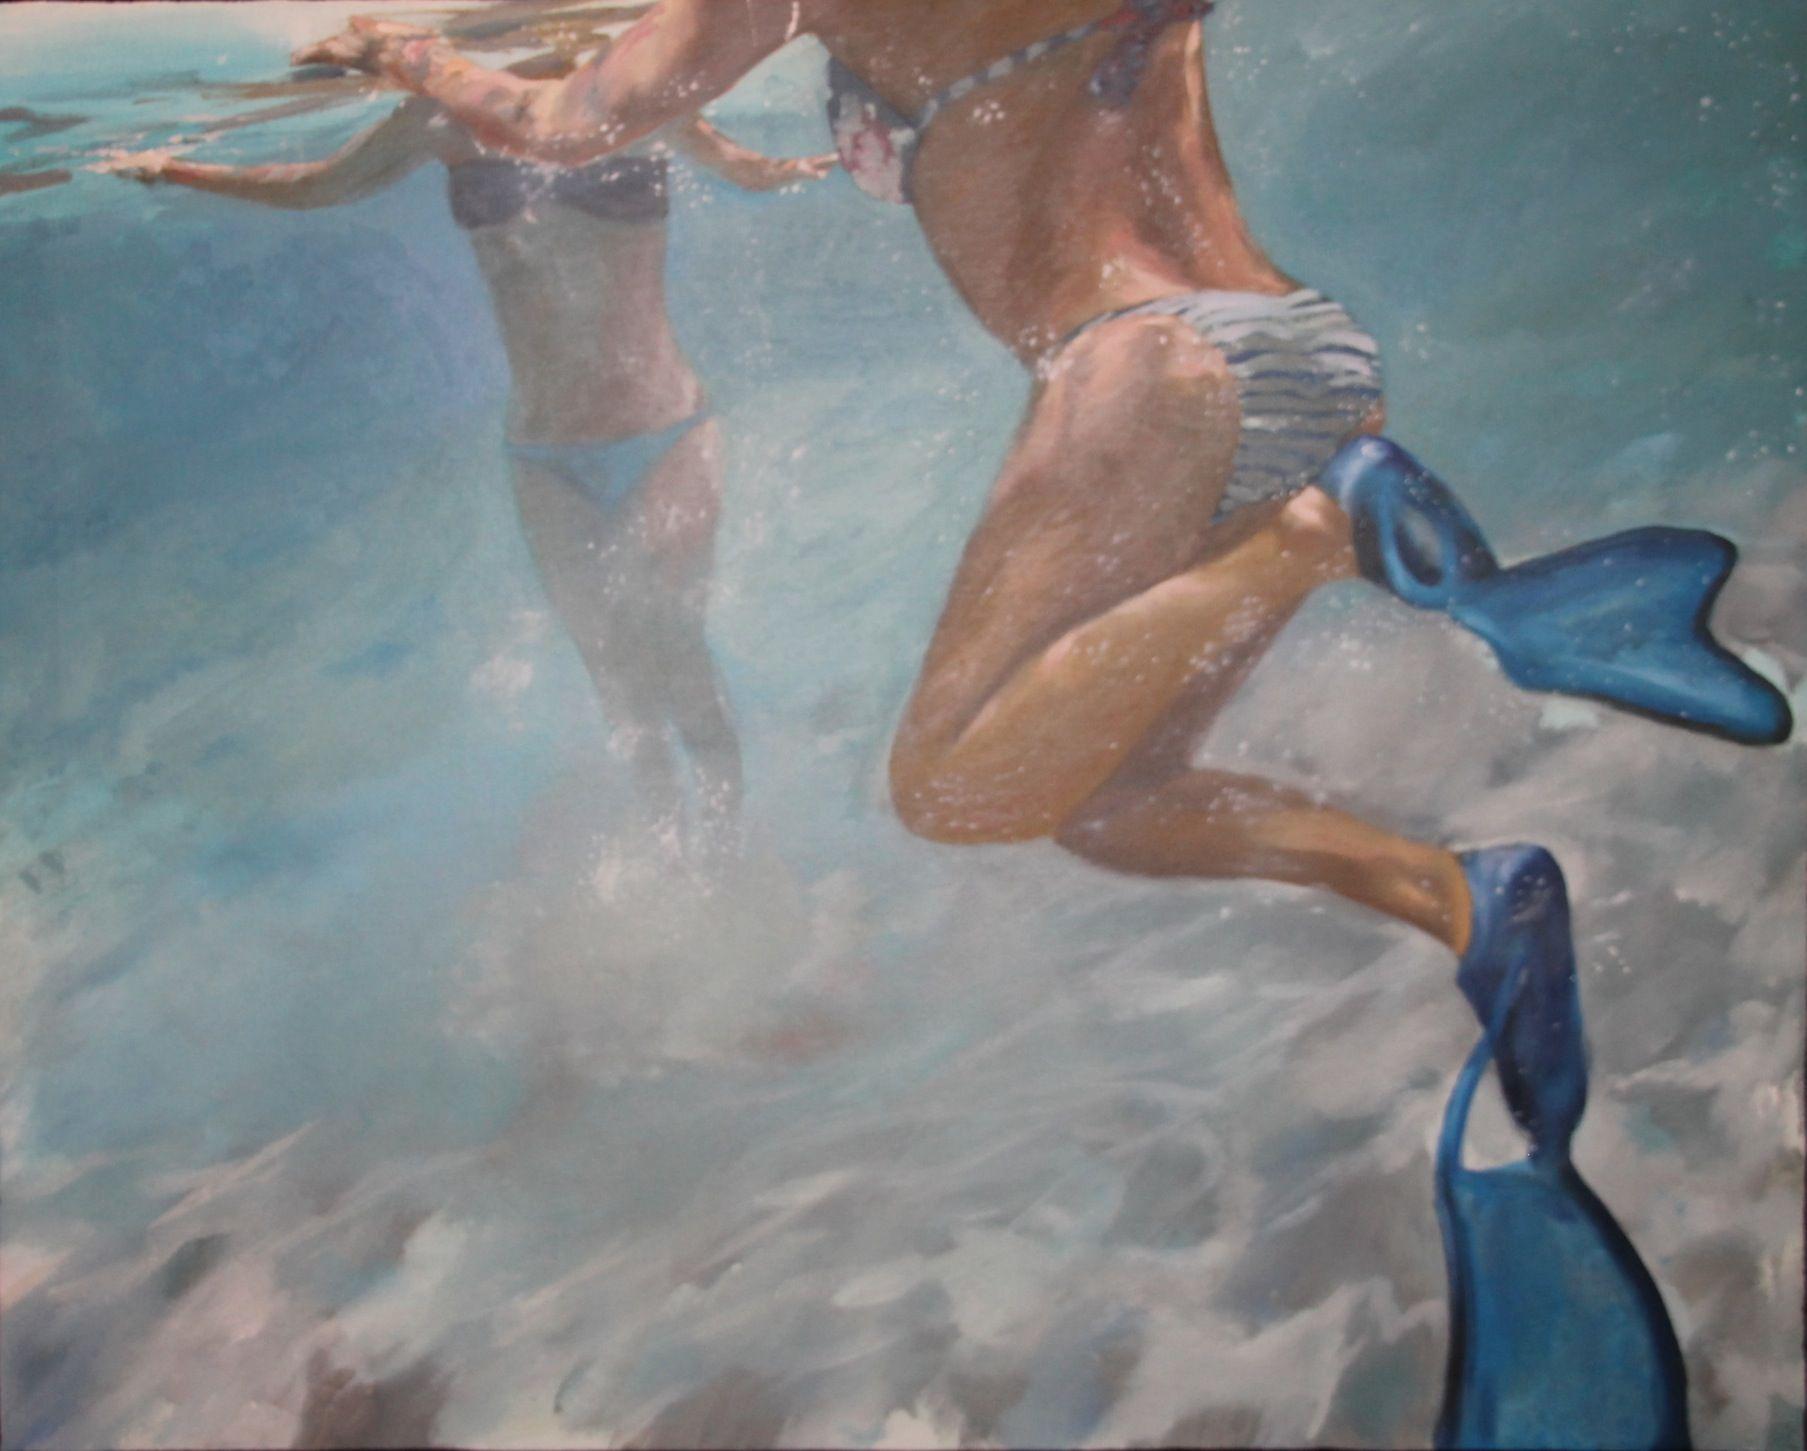 Sirenas 1. Primera de la serie Sirenas. En la aguas turquesas de Cerdeña